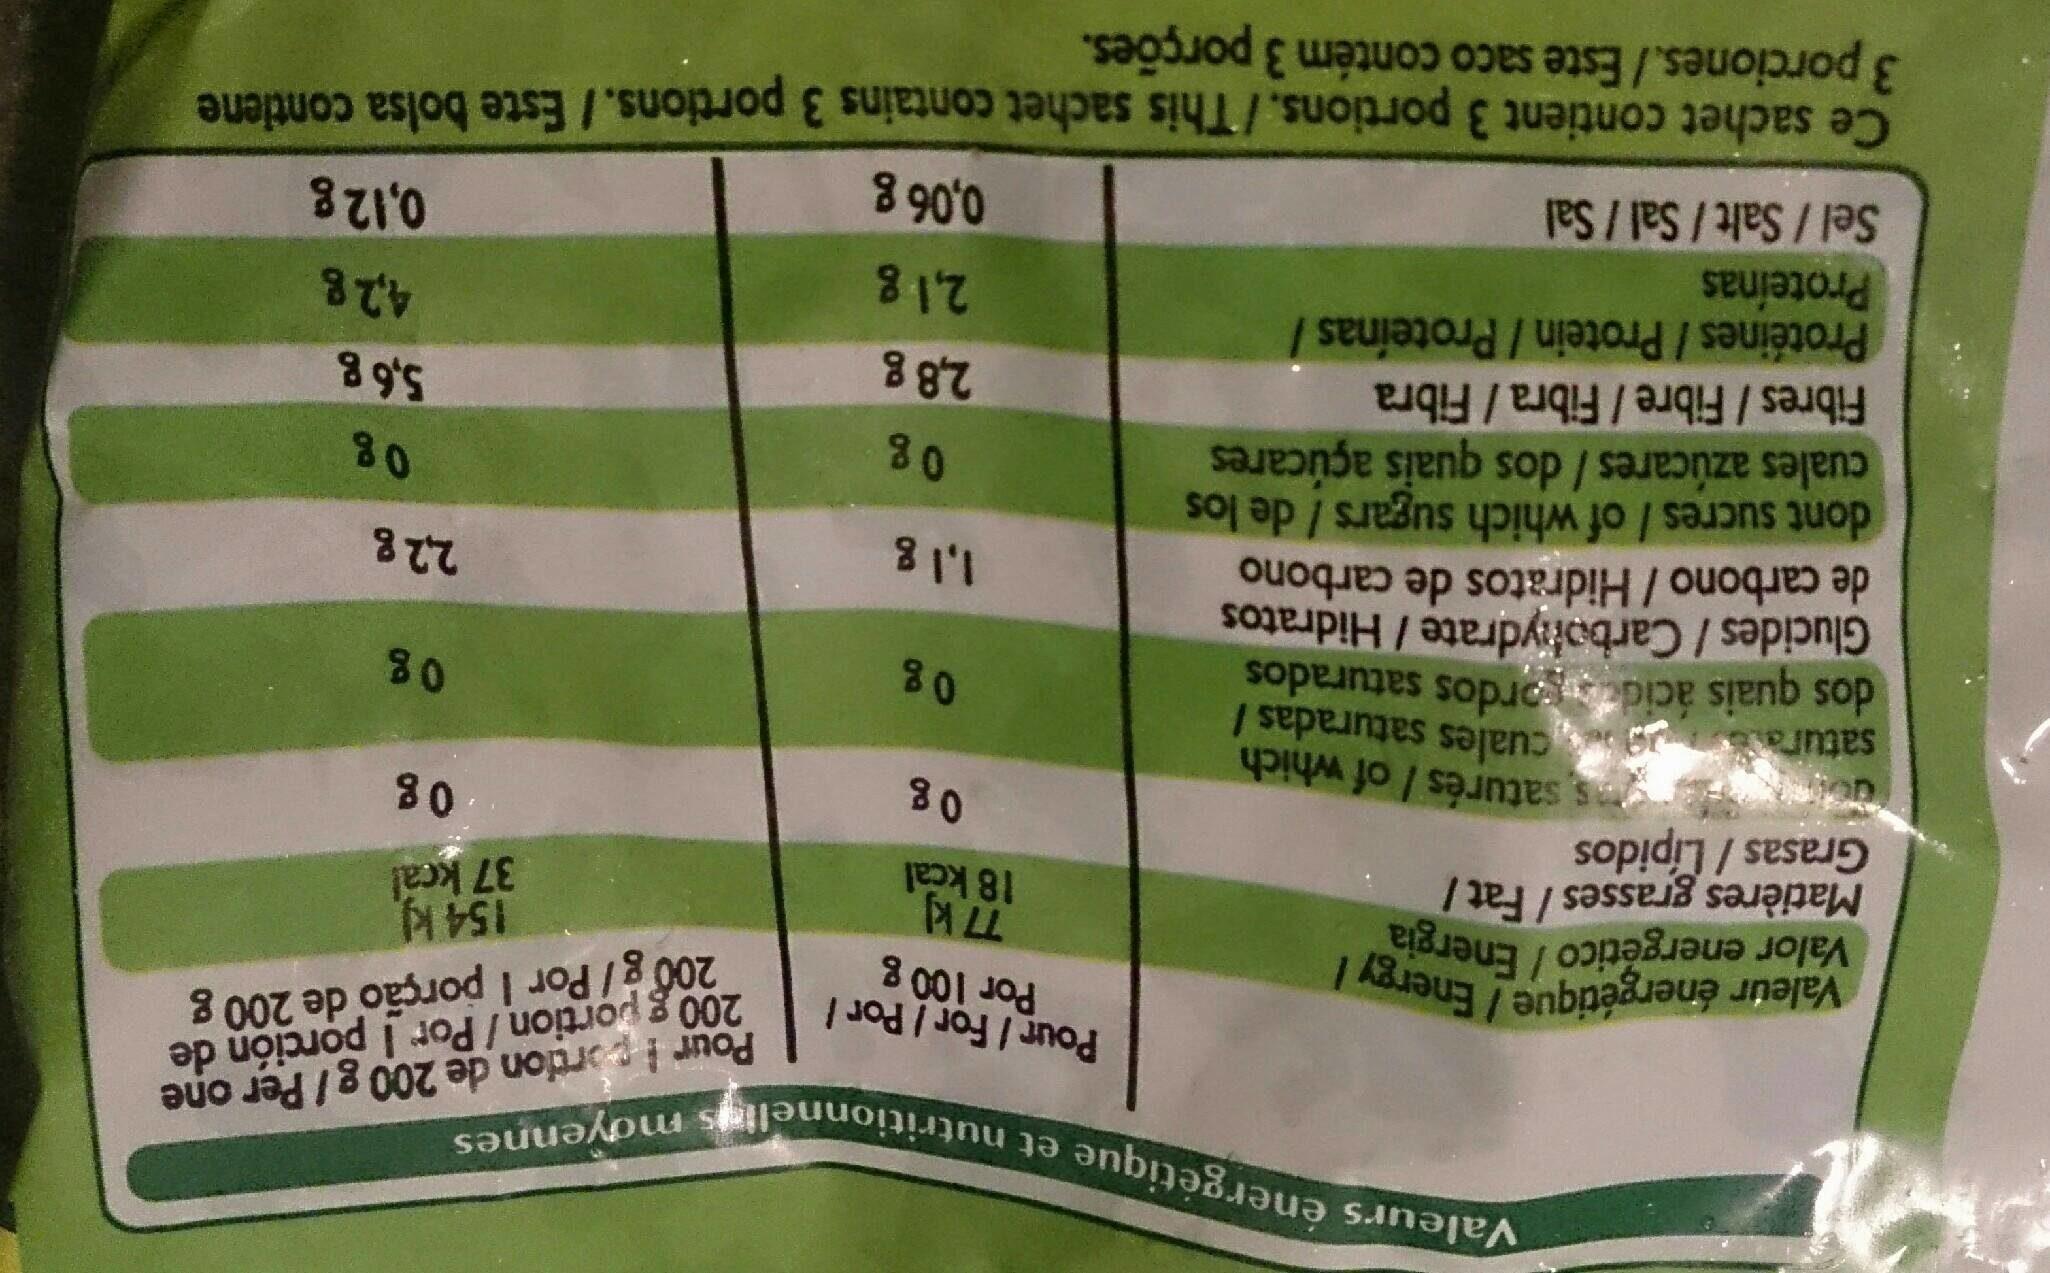 Feuilles épinards surgelées - Voedingswaarden